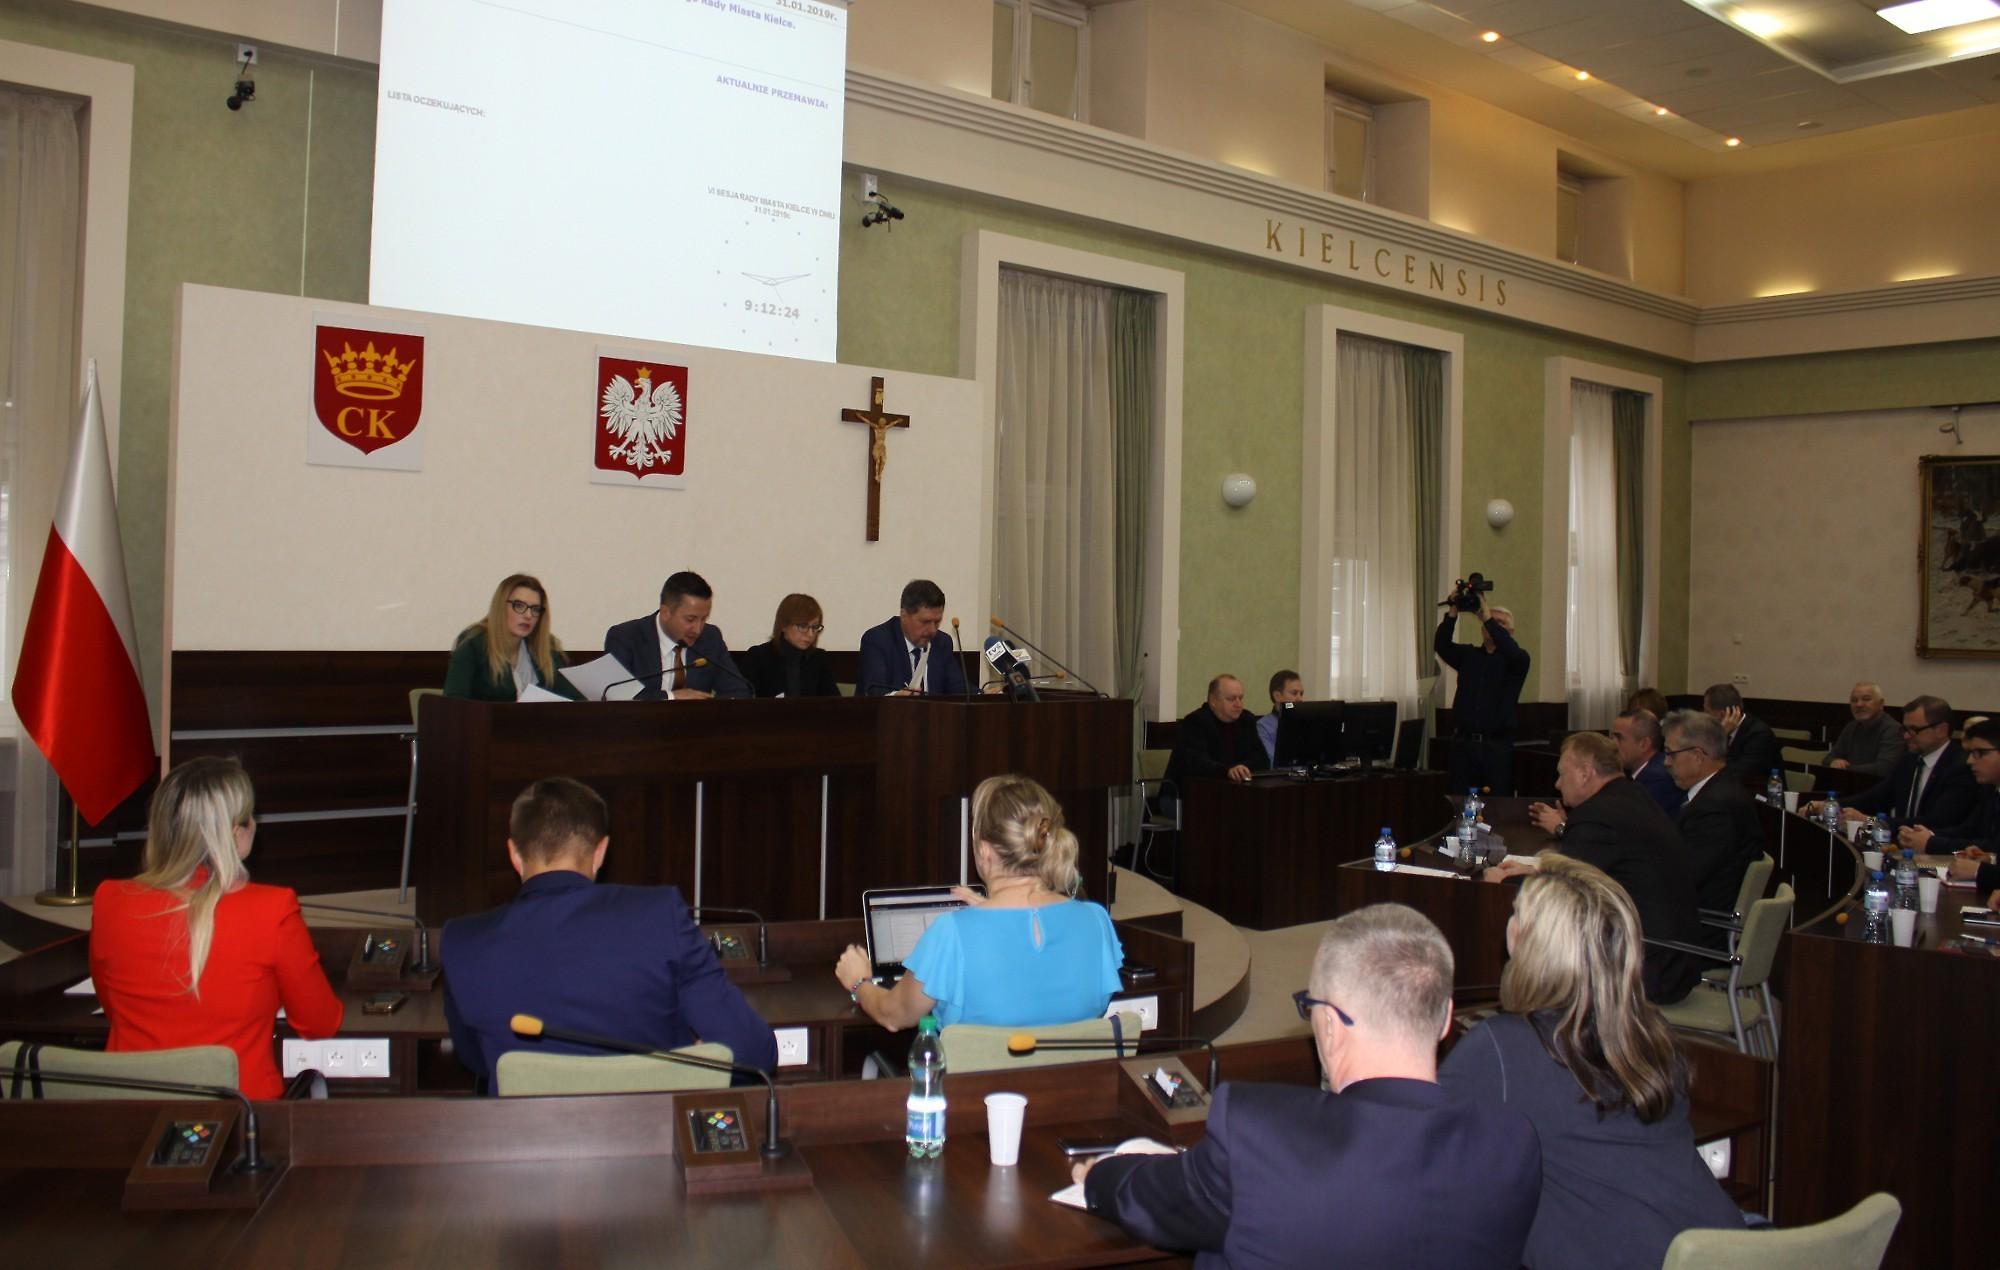 Dochody Kielc w budżecie na 2019 r. wyniosą blisko 1,348 mld zł, z czego 1,187 mld zł to dochody bieżące. Dochody majątkowe wyniosą około 160,5 mln zł (fot. um.kielce.pl)